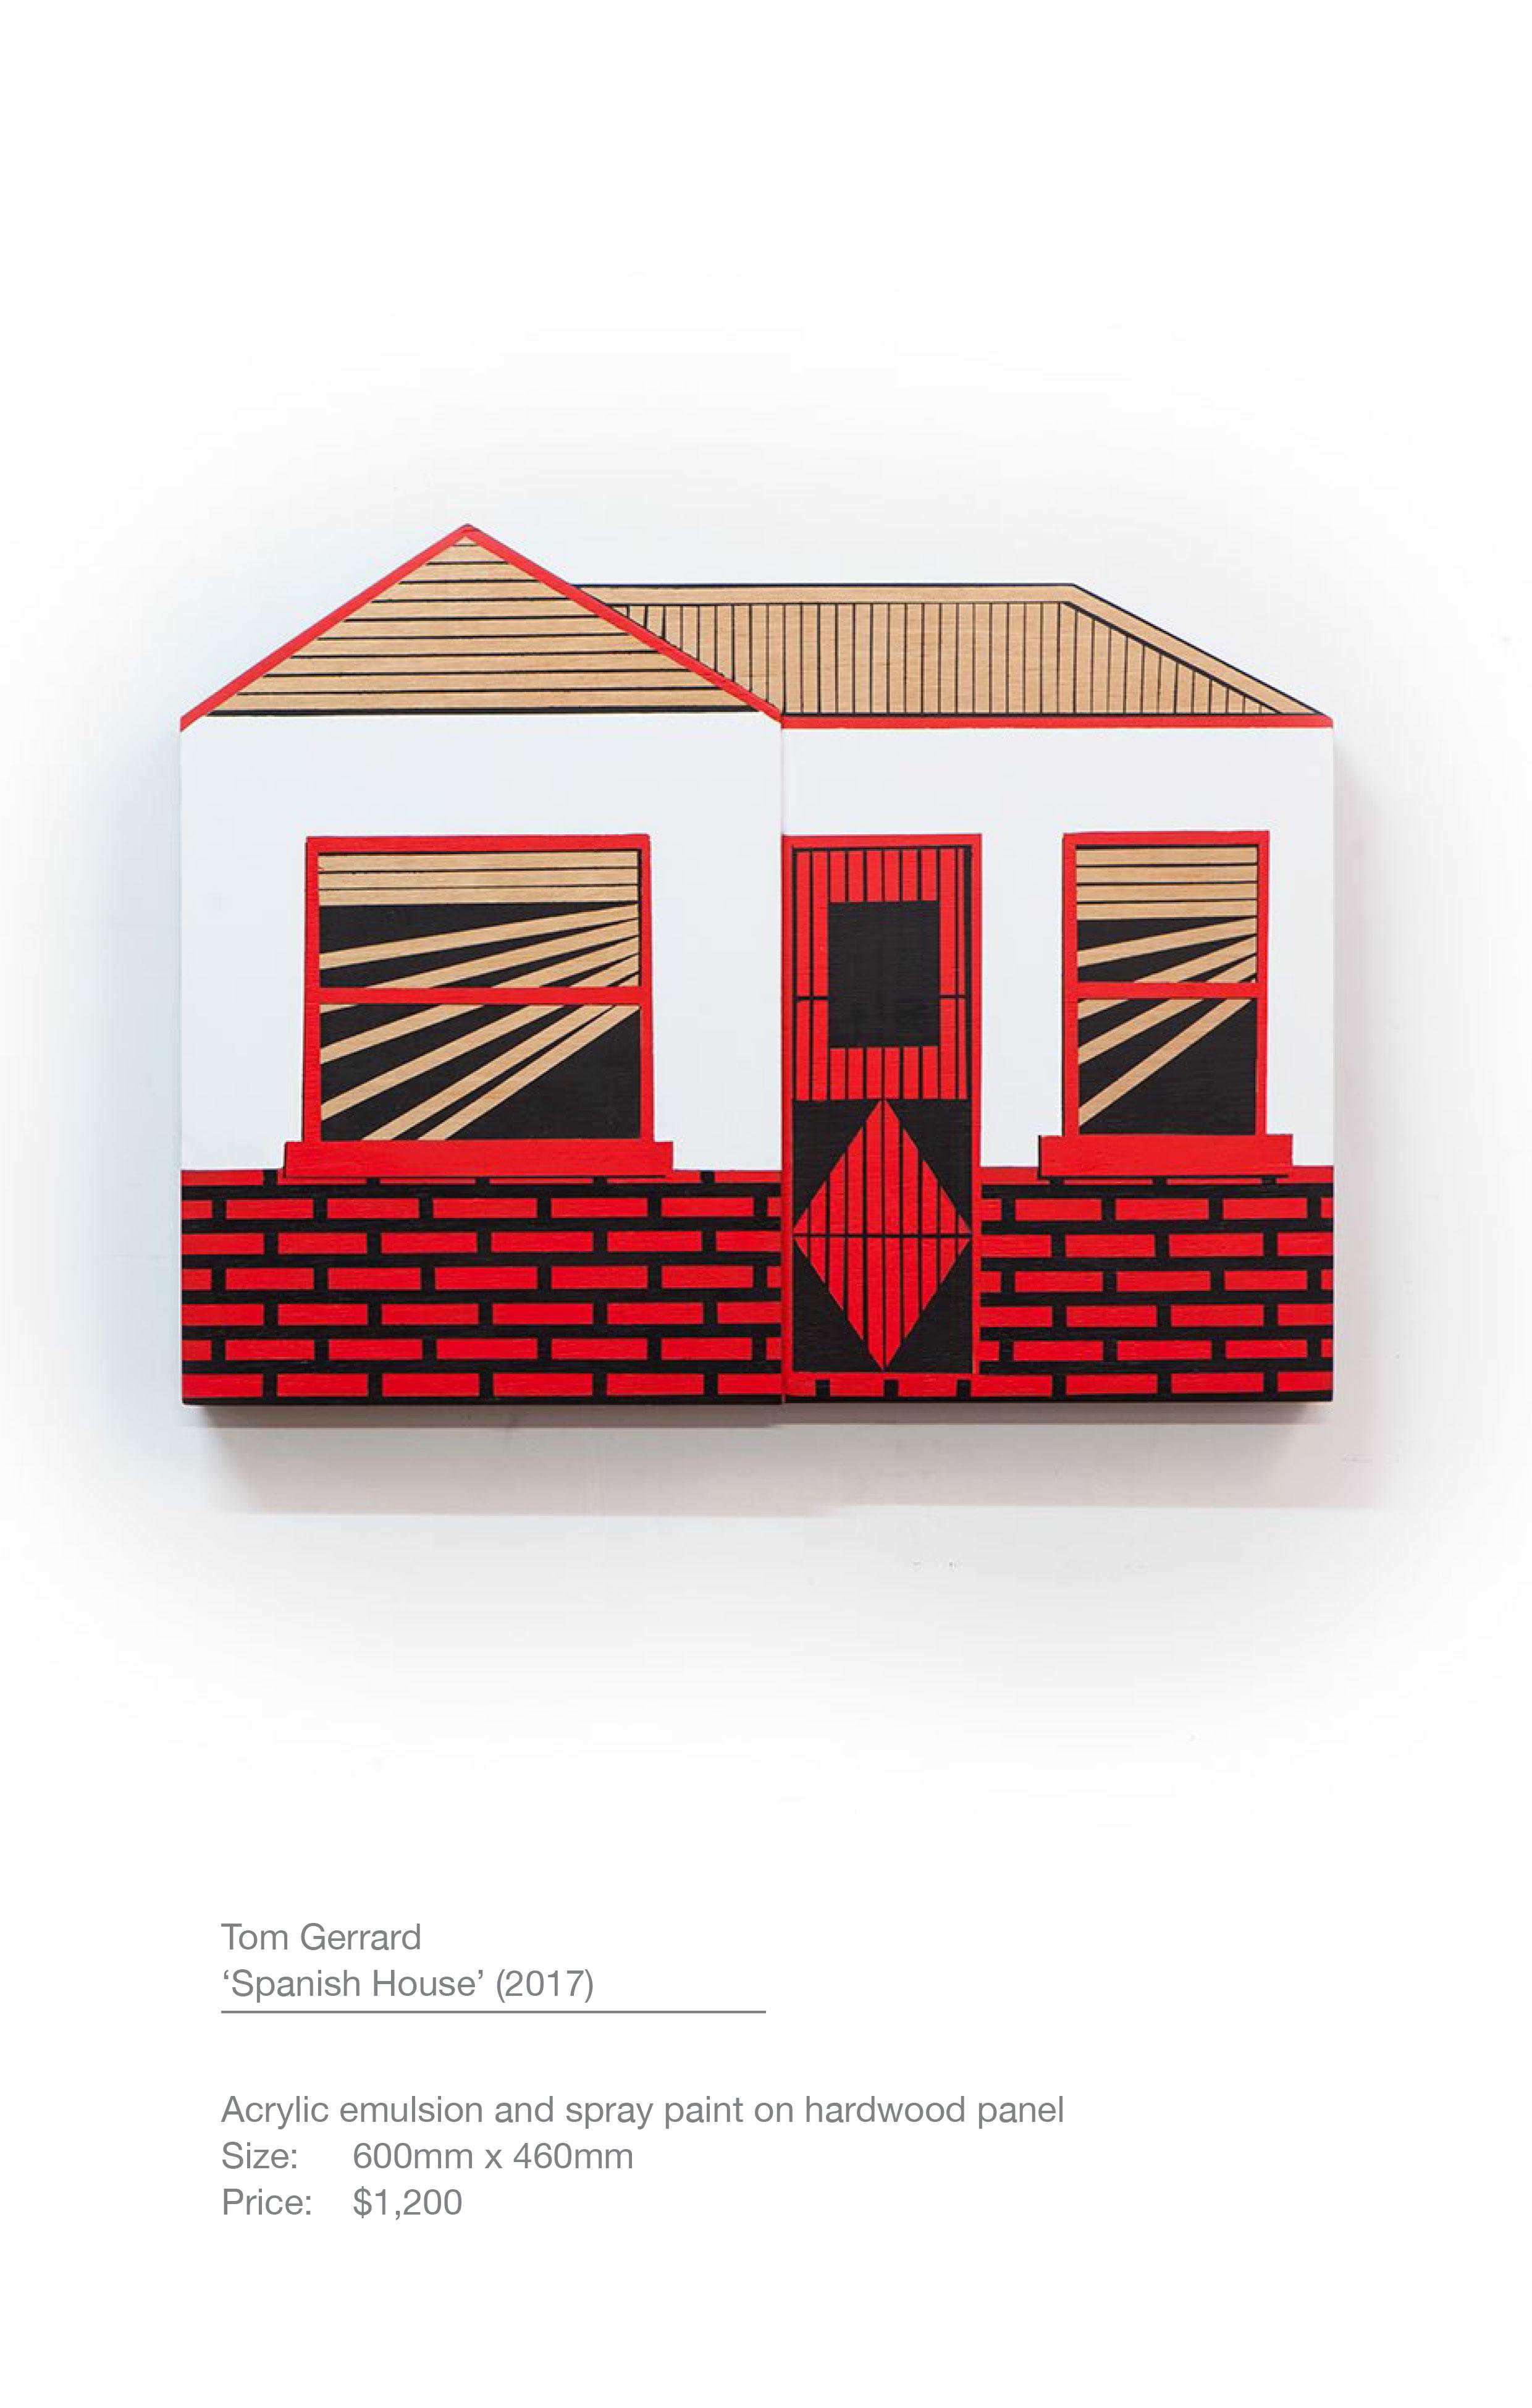 tom-gerrard-spanish-house.jpg